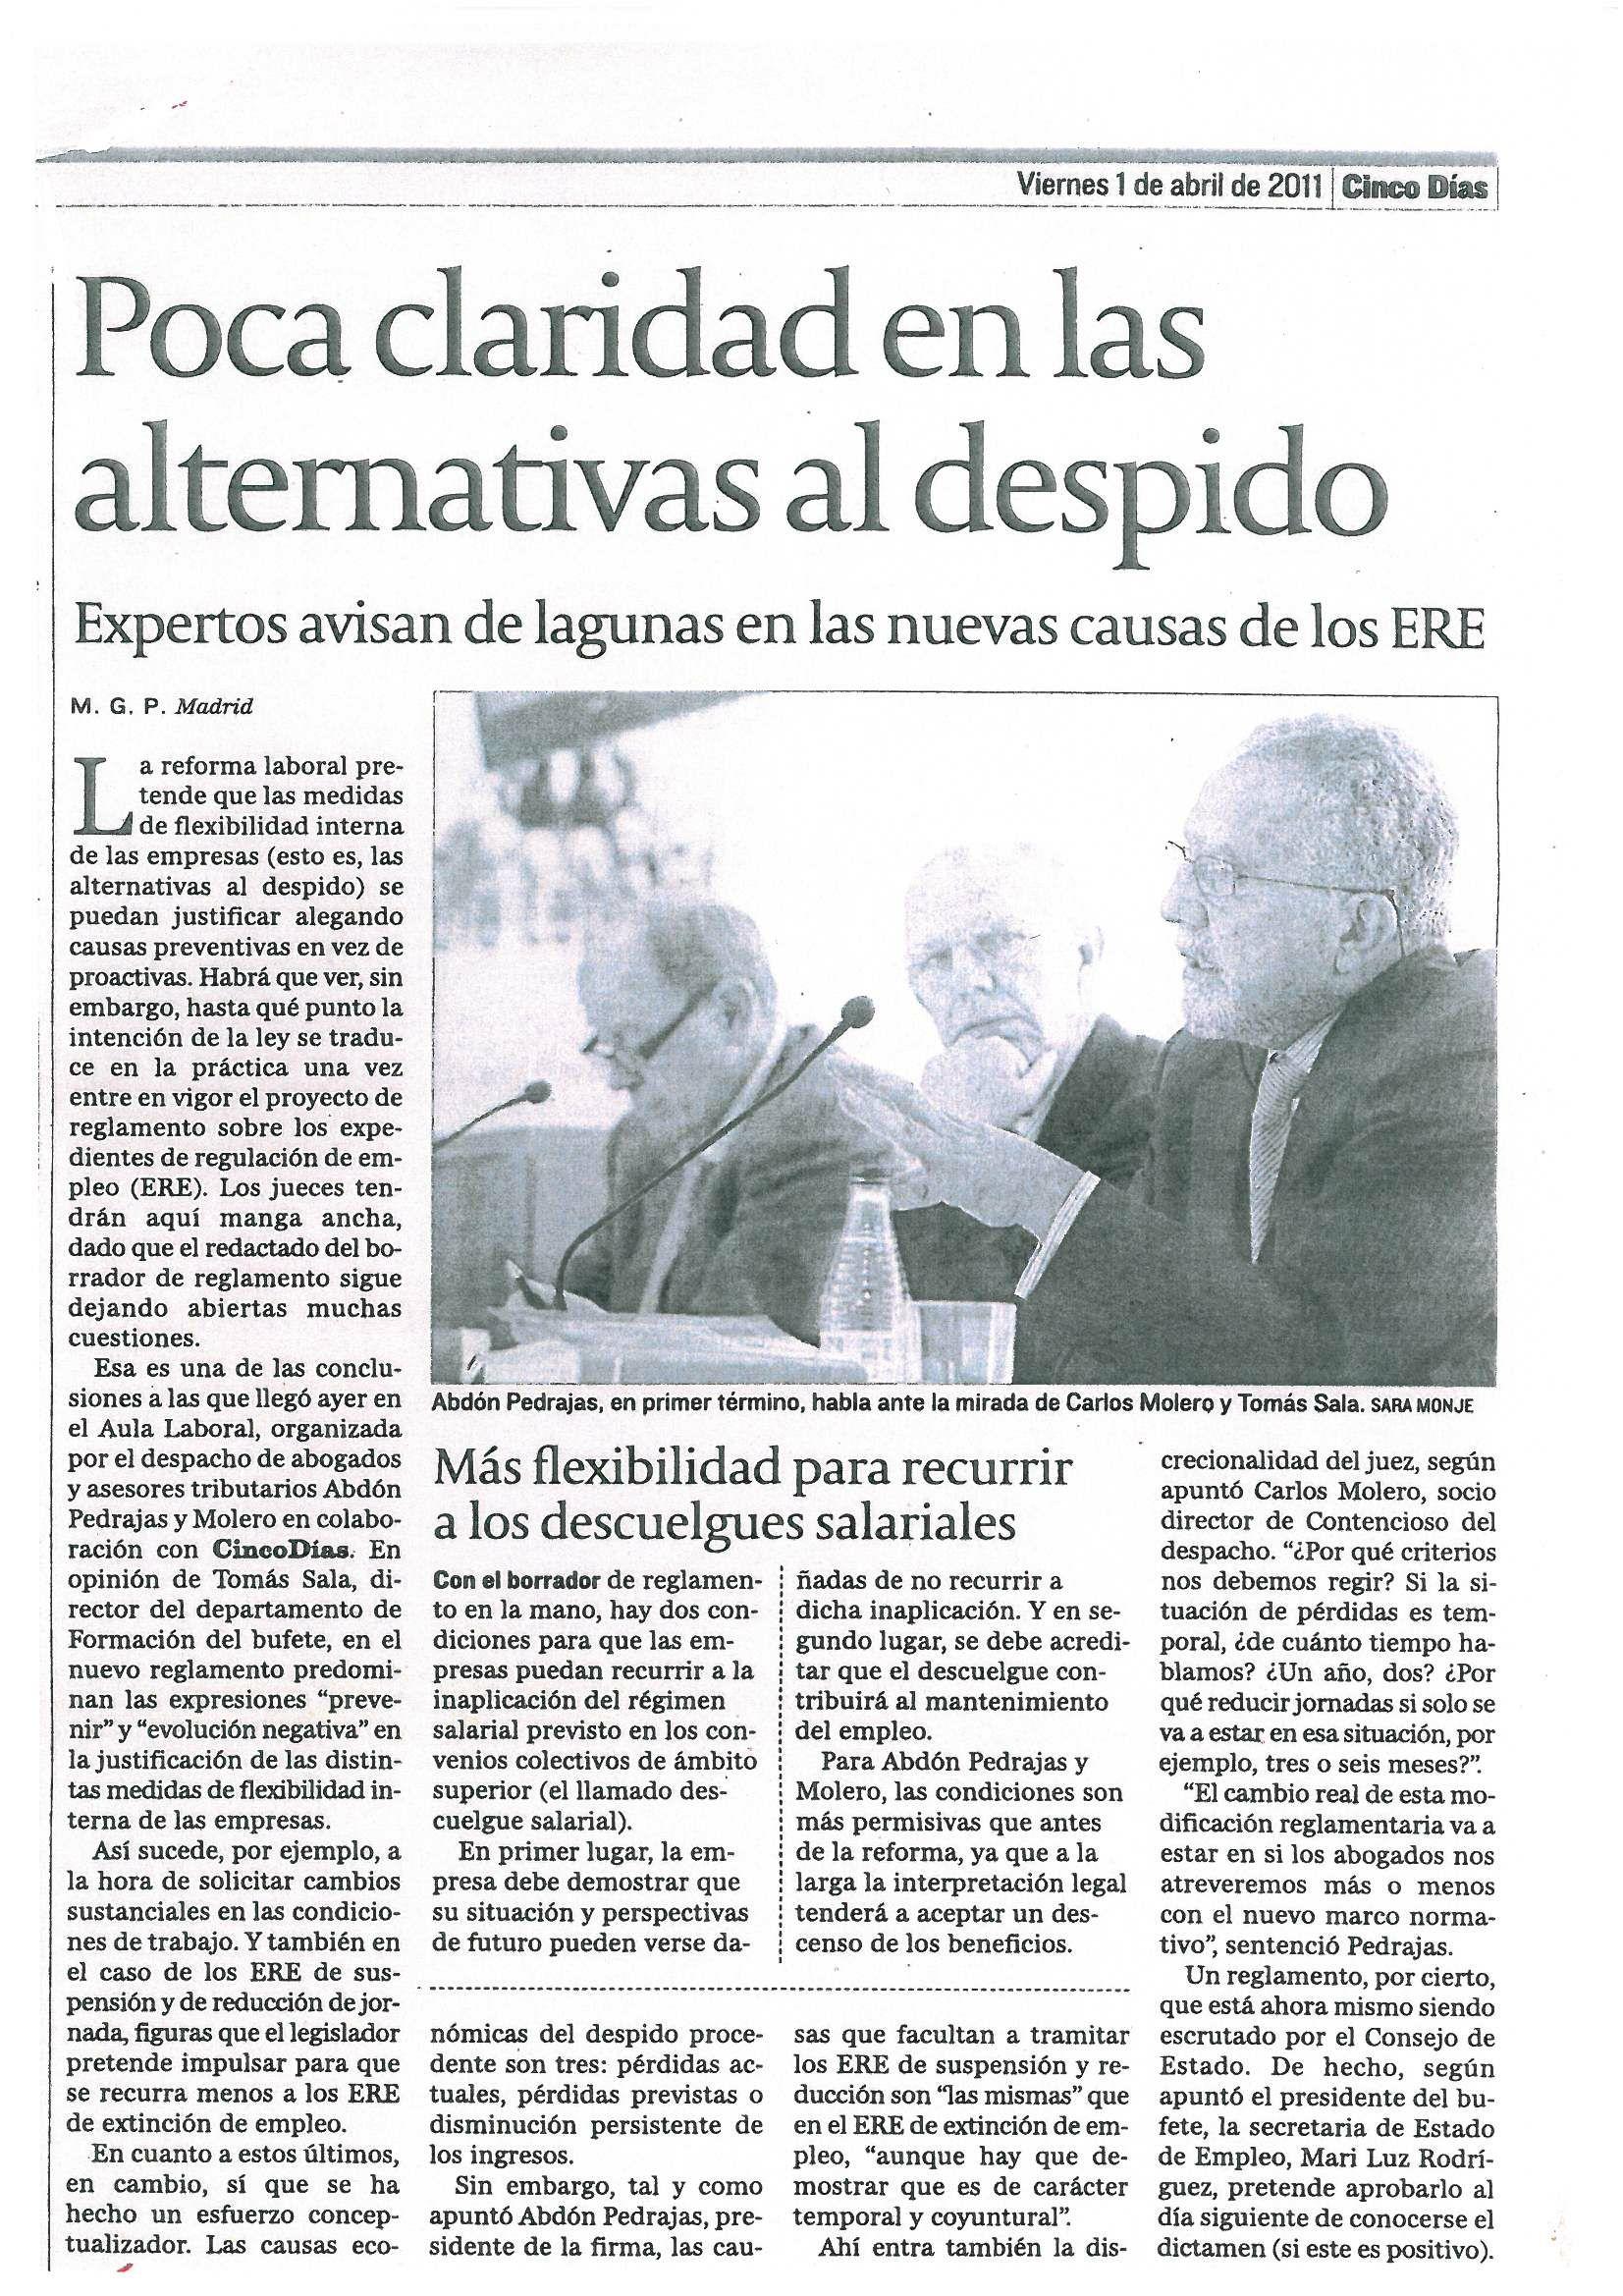 PUBLICACIÓN PERIÓDICO CINCO DÍAS  (01-04-2011) - SESIÓN AULA LABORAL (CAUSAS JUSTIFICATIVAS DE LAS MODIFICACIONES CONTRACTUALES Y LOS DESPIDOS).